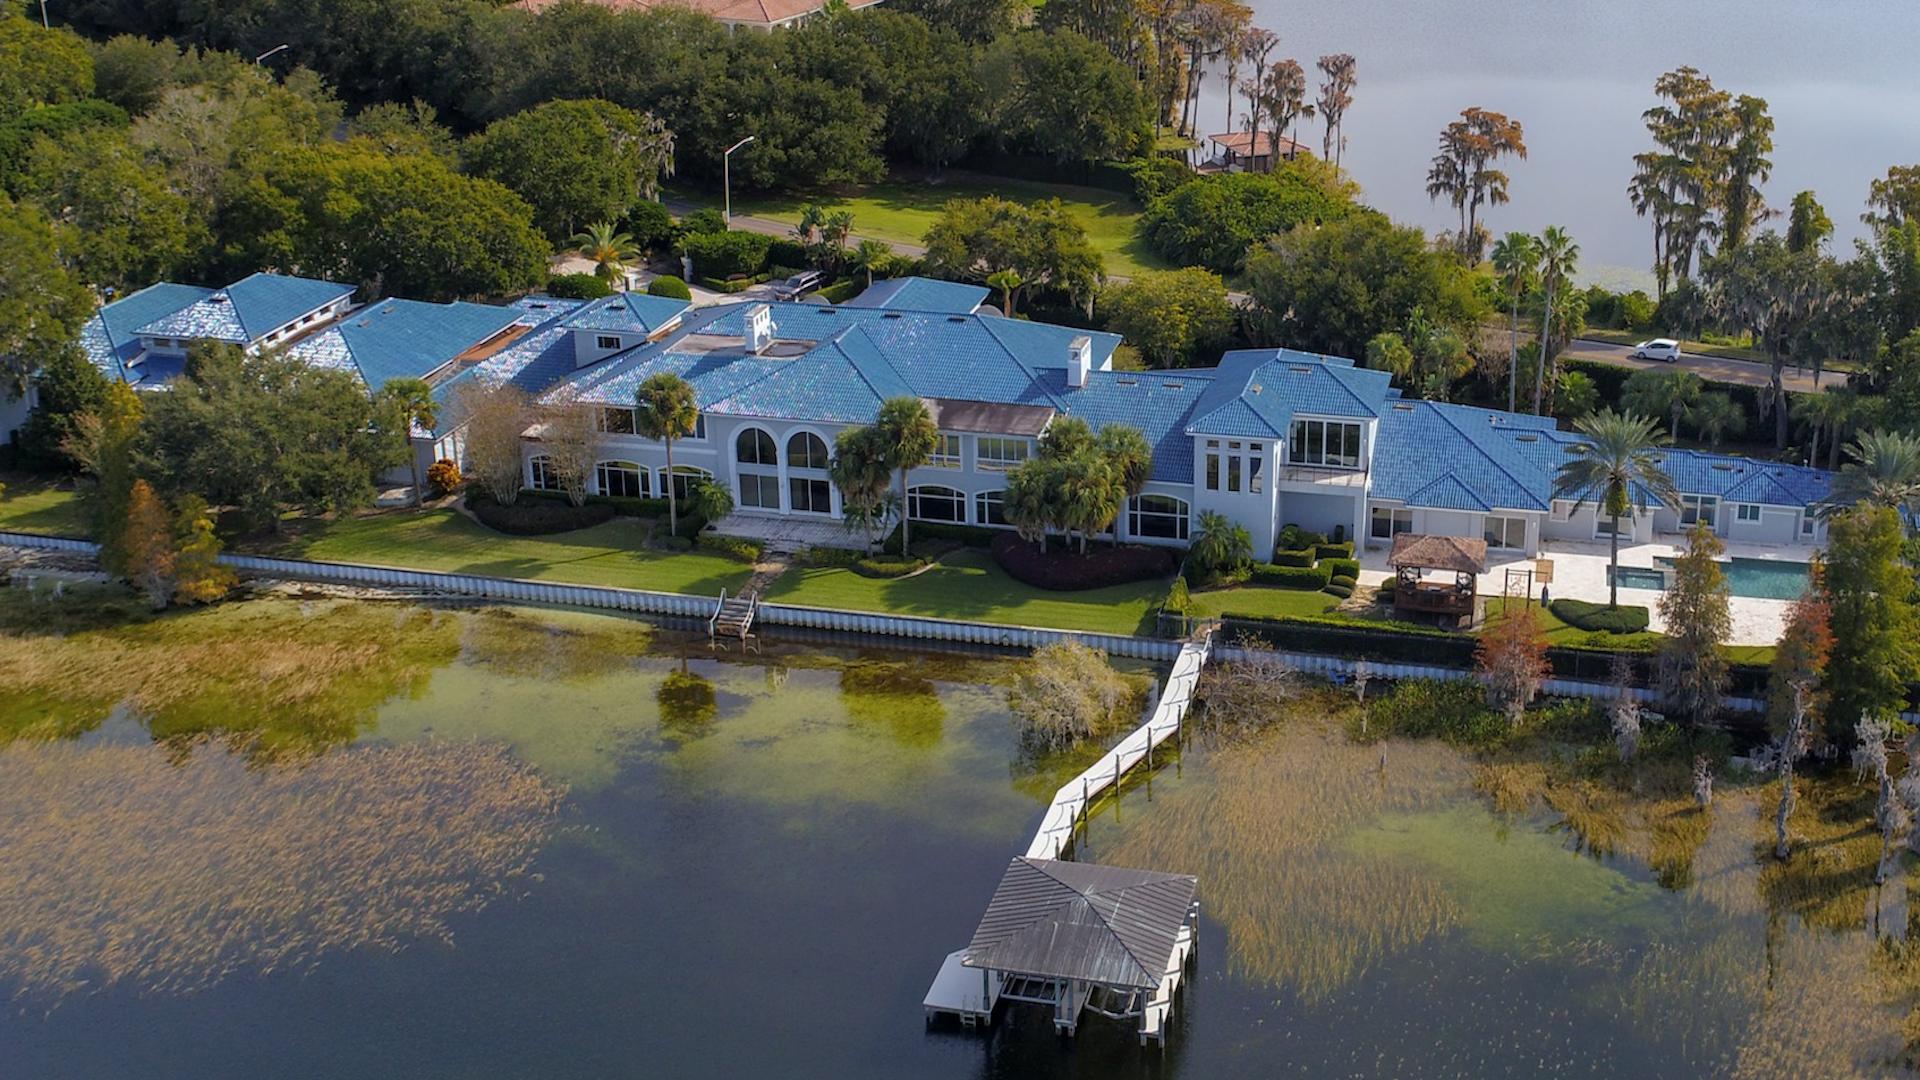 Shaquille O'Neal vend sa maison floridenne pour 22 millions de dollars